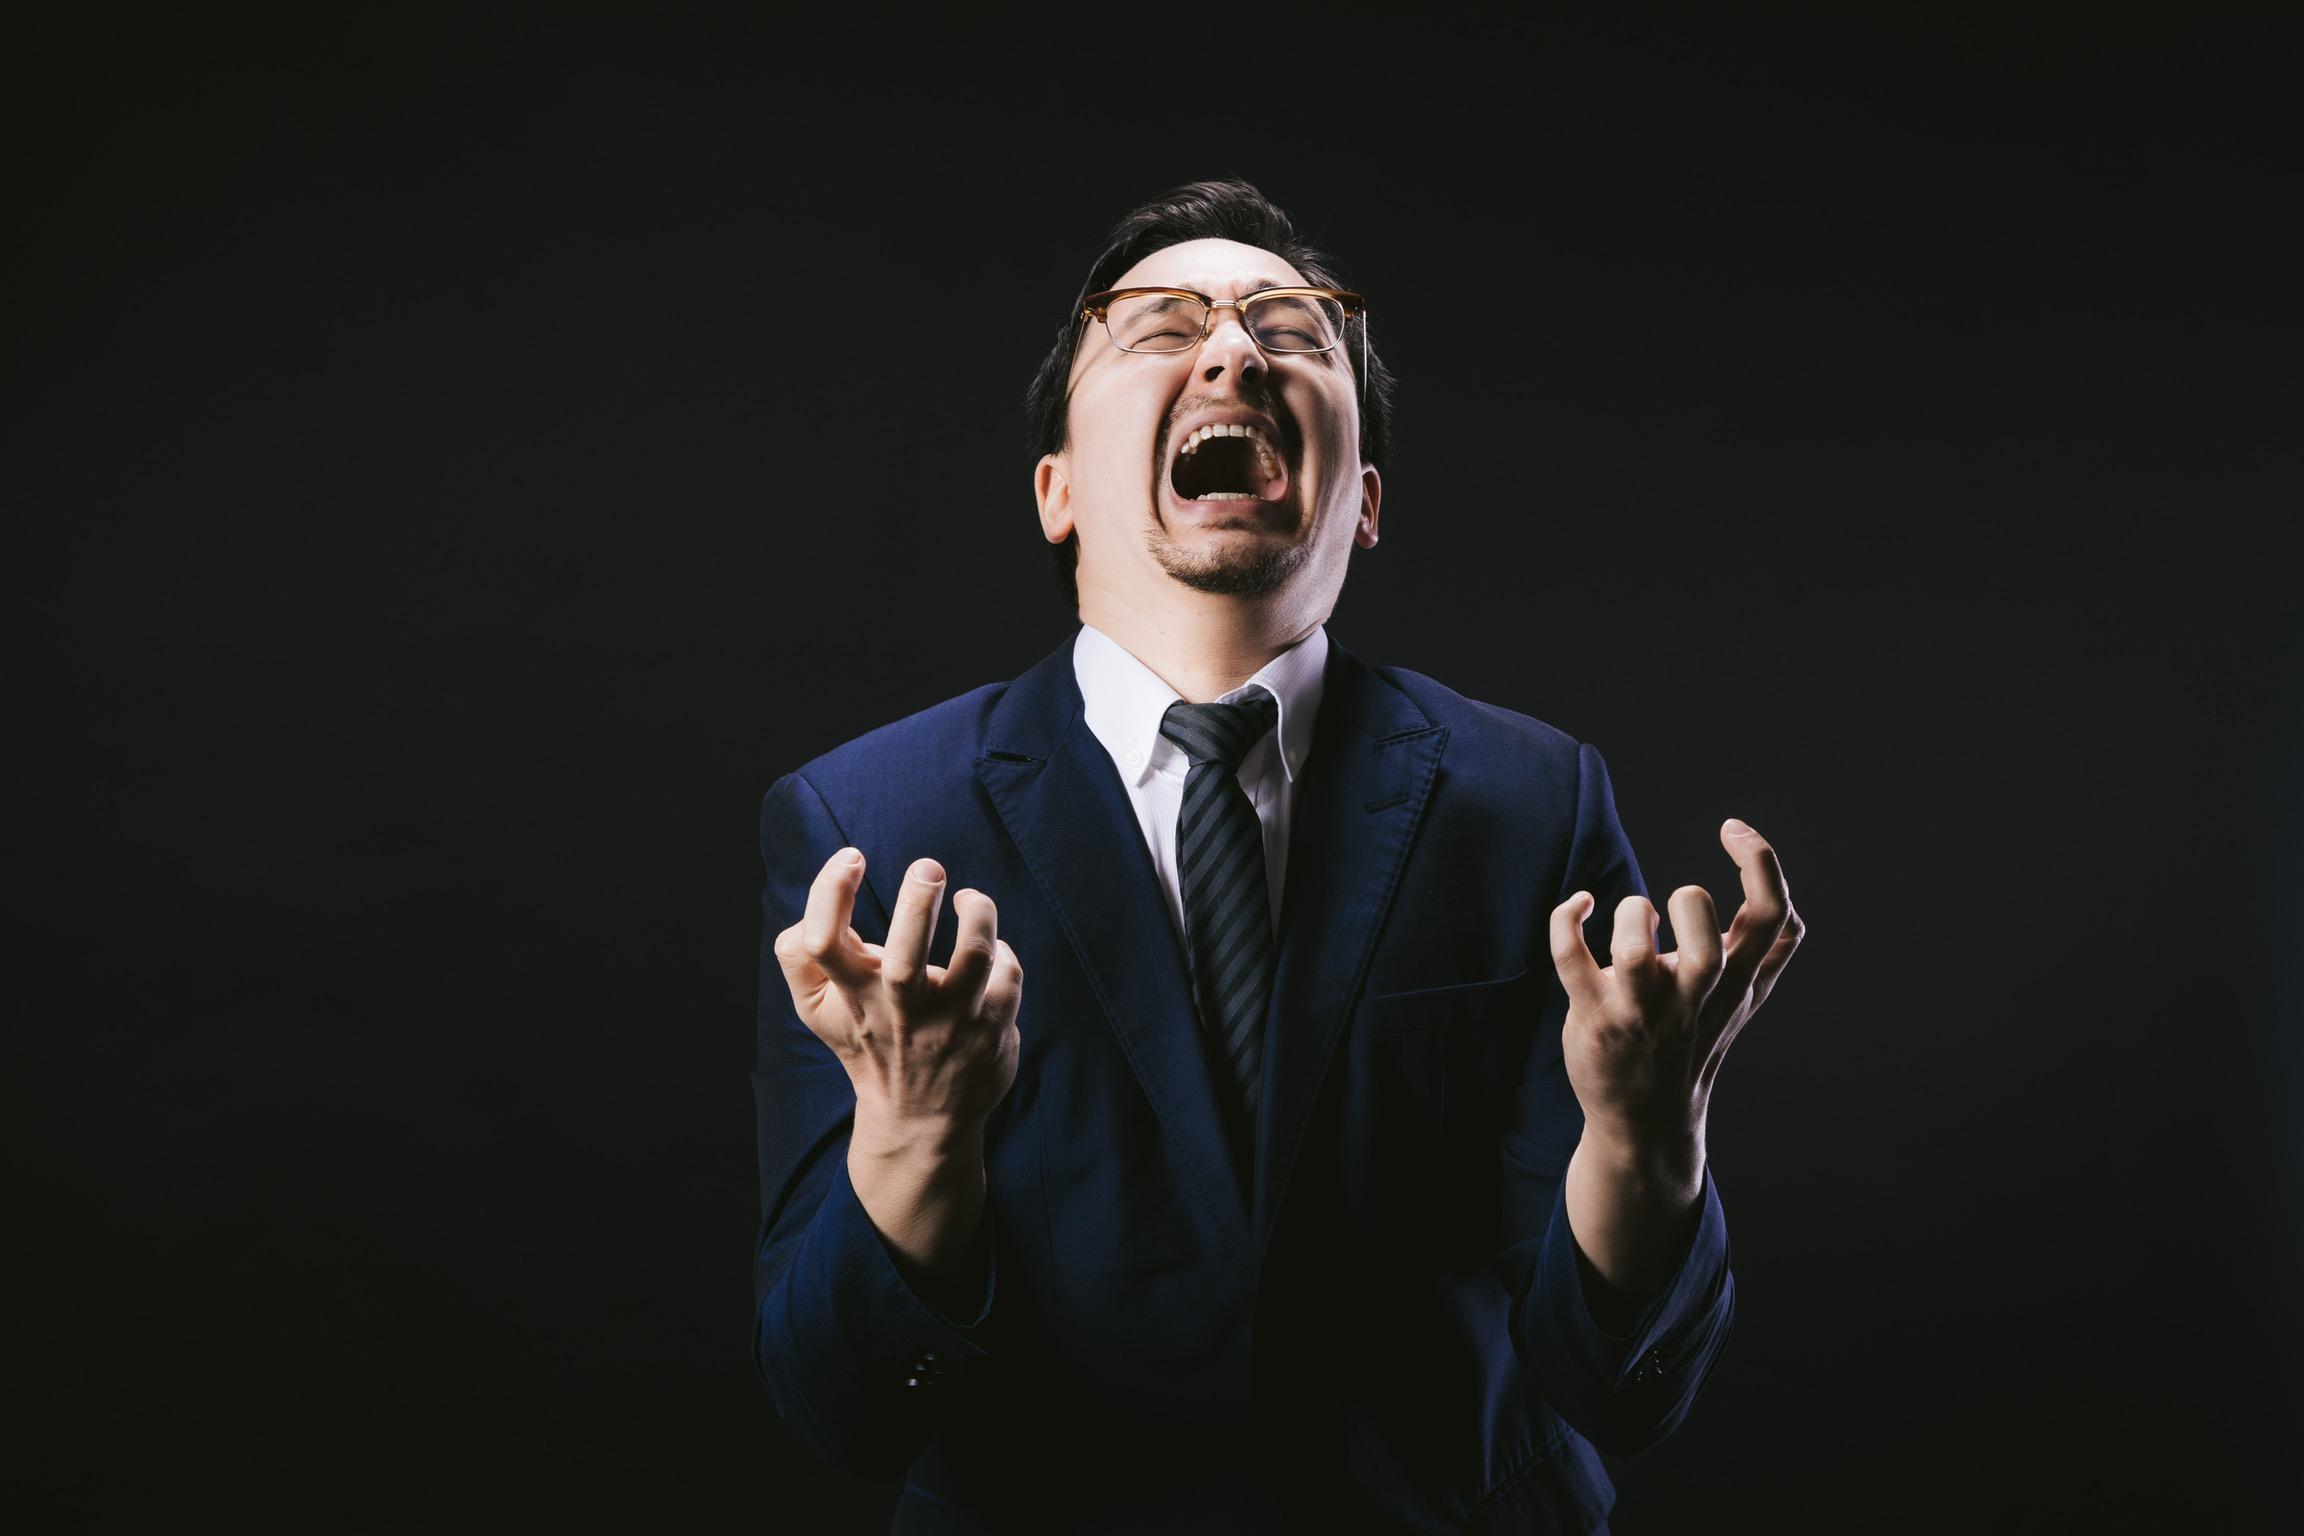 英語読めるけど話せない!話せるようになる、社会人の電車での勉強法